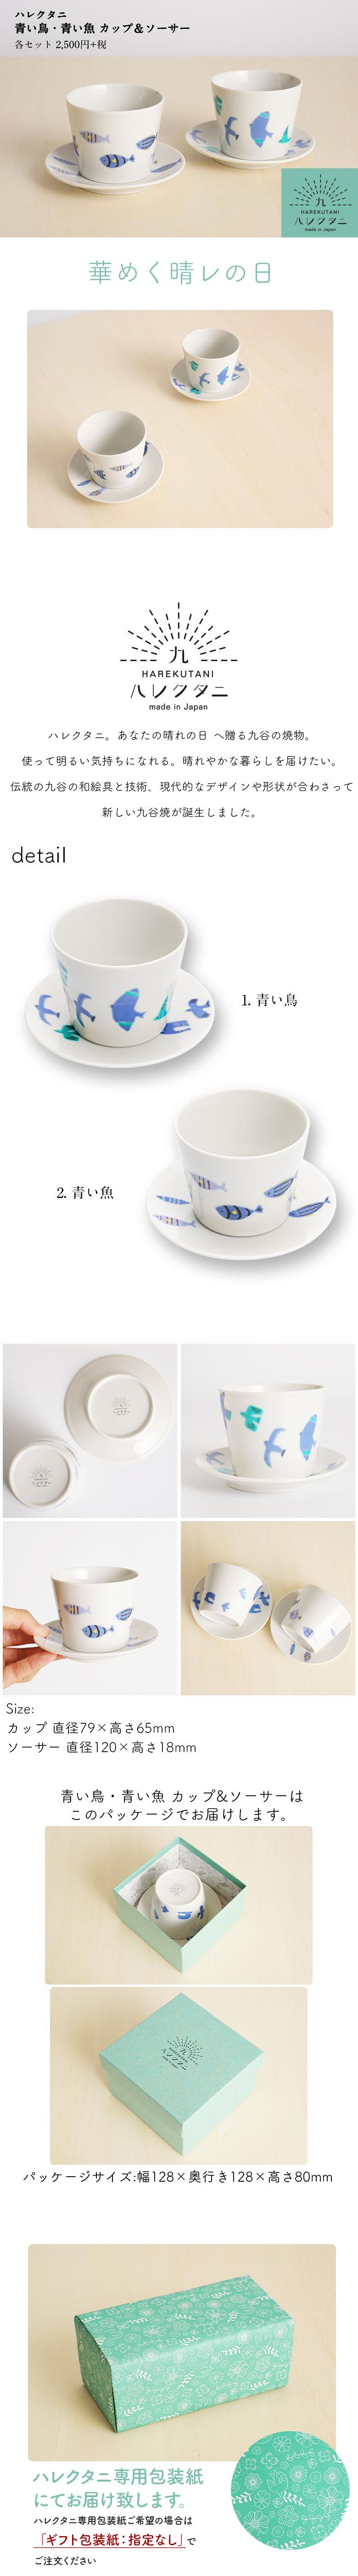 青い鳥・青い魚 カップ&ソーサー/ハレクタニ